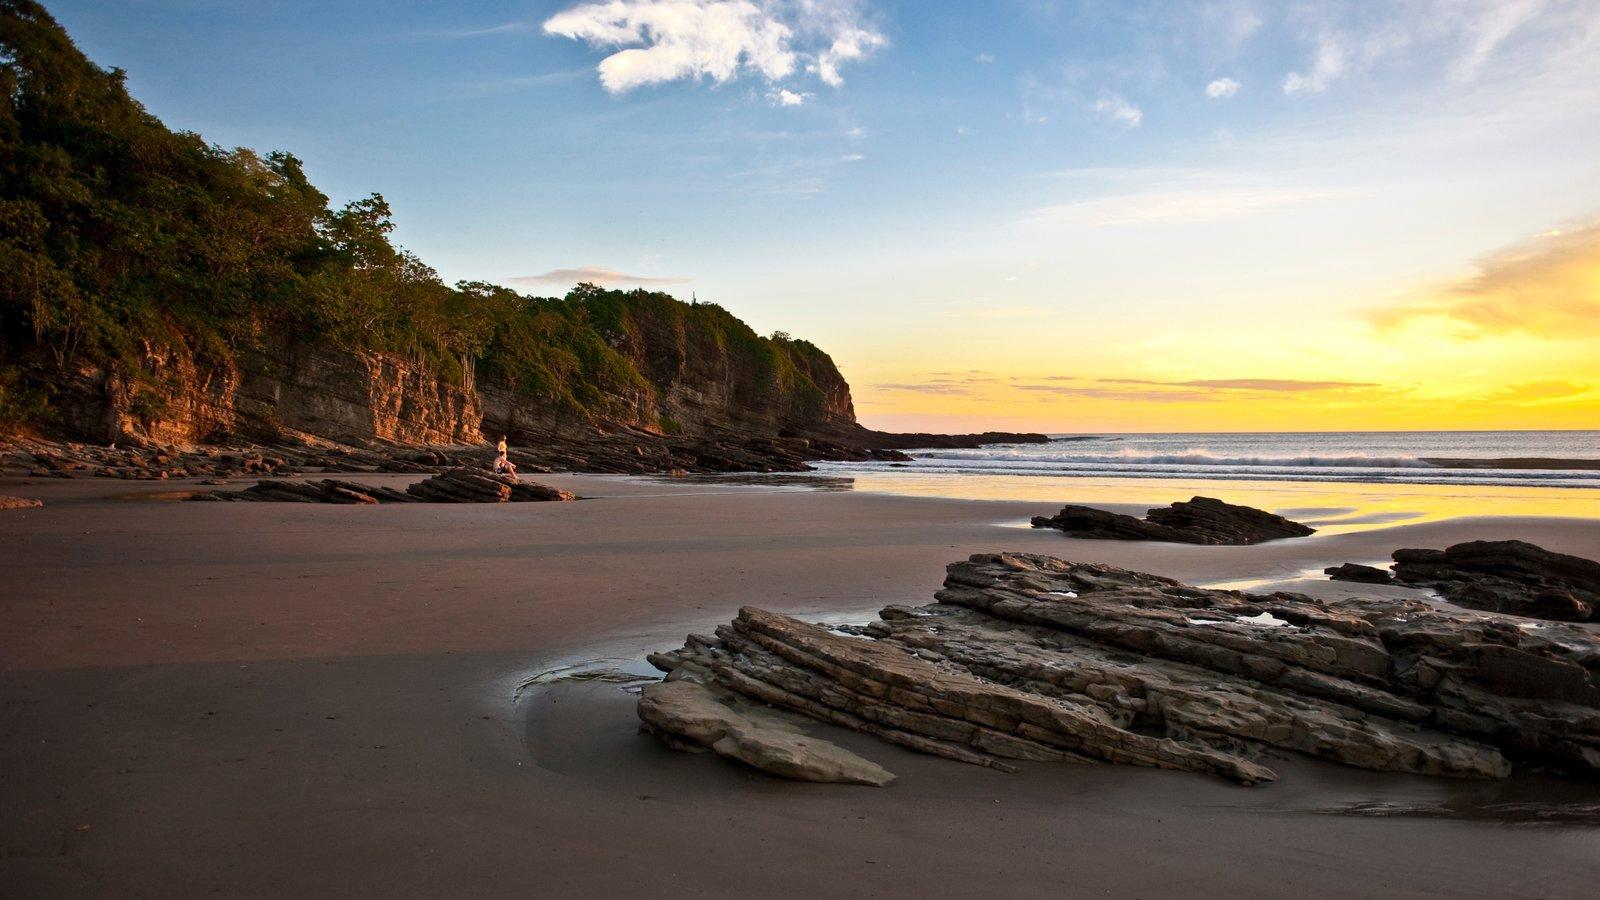 Nicaragua ofreciendo vistas de paisajes, una puesta de sol y una playa